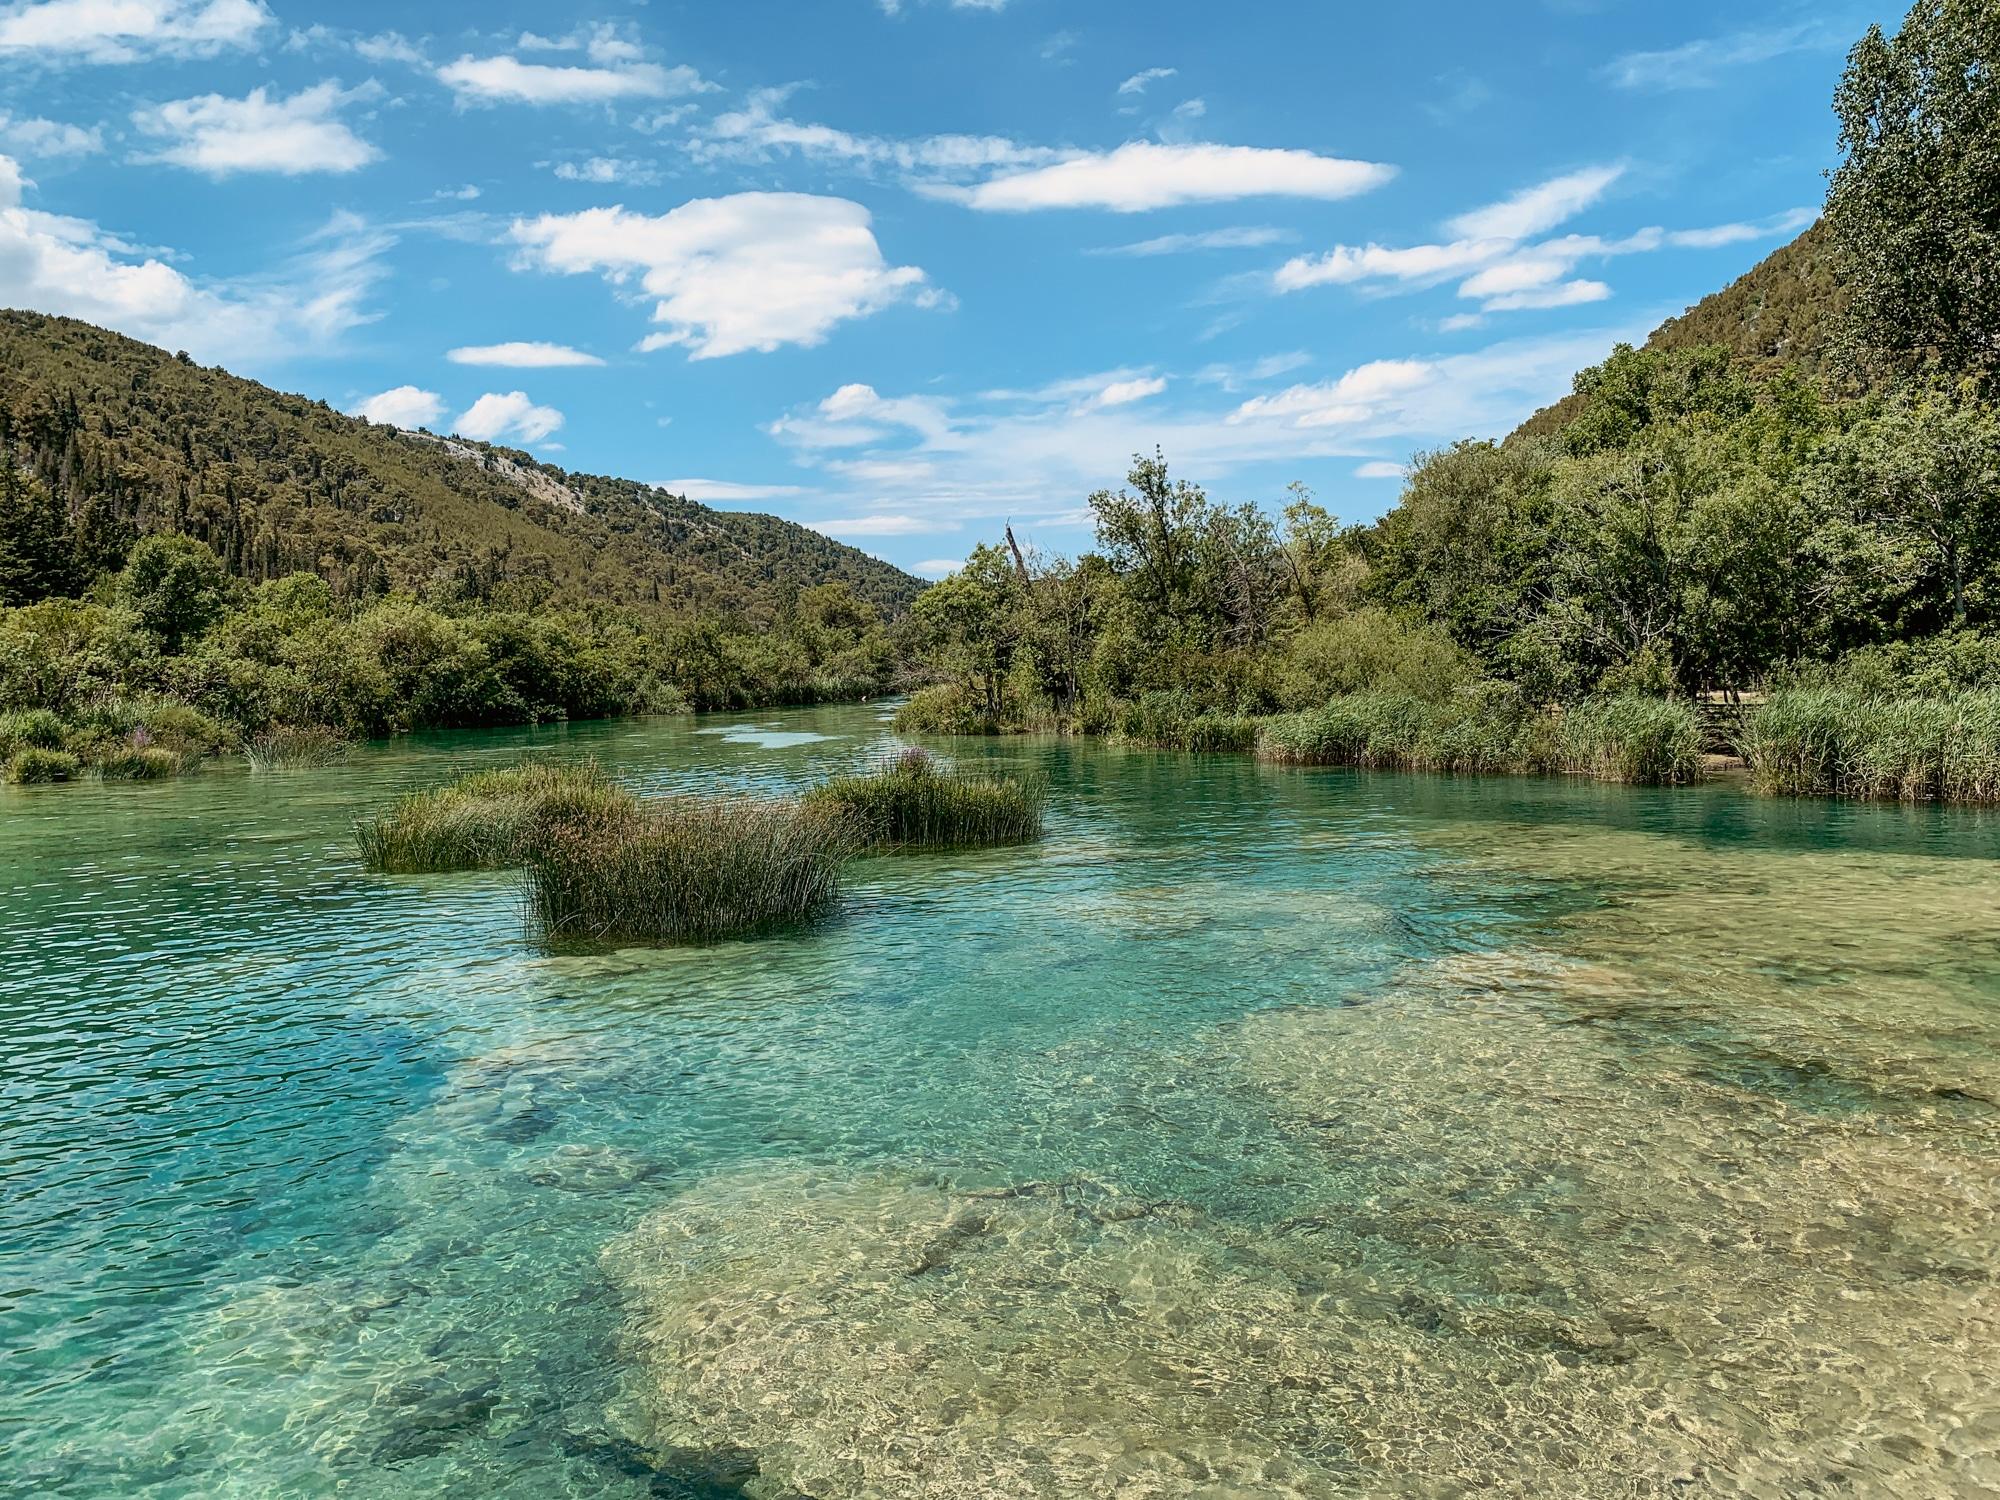 Krka Nationalpark: Tipps, Sehenswürdigkeiten und die Highlights im Park - Glasklarer blauer See